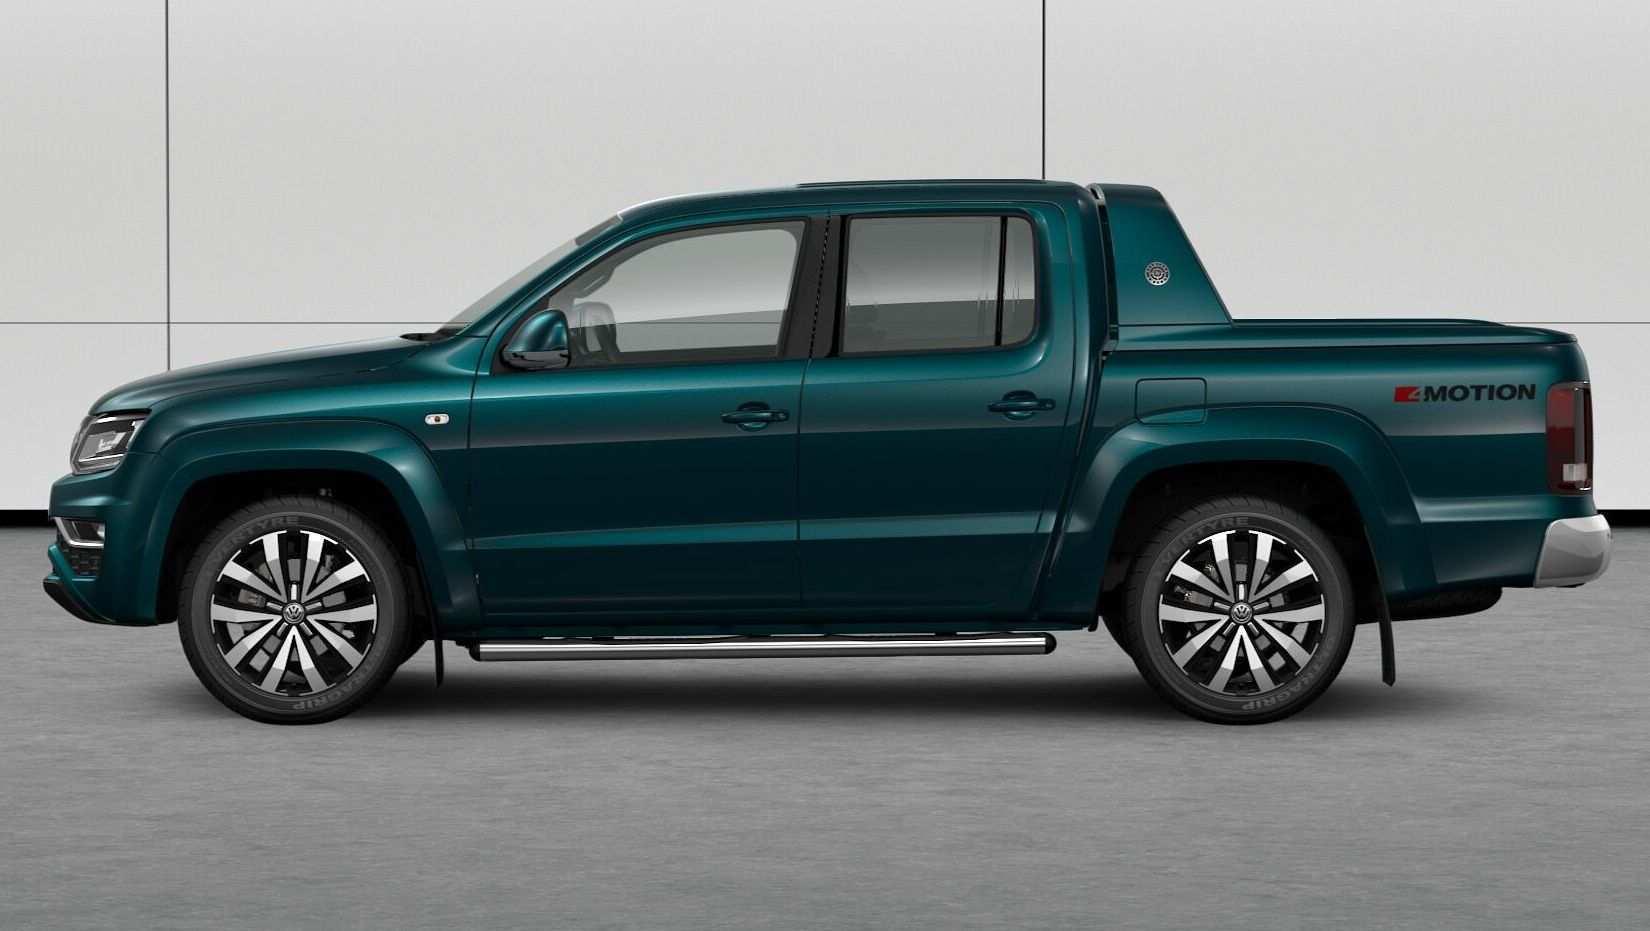 14 Concept of 2020 Volkswagen Truck Reviews for 2020 Volkswagen Truck